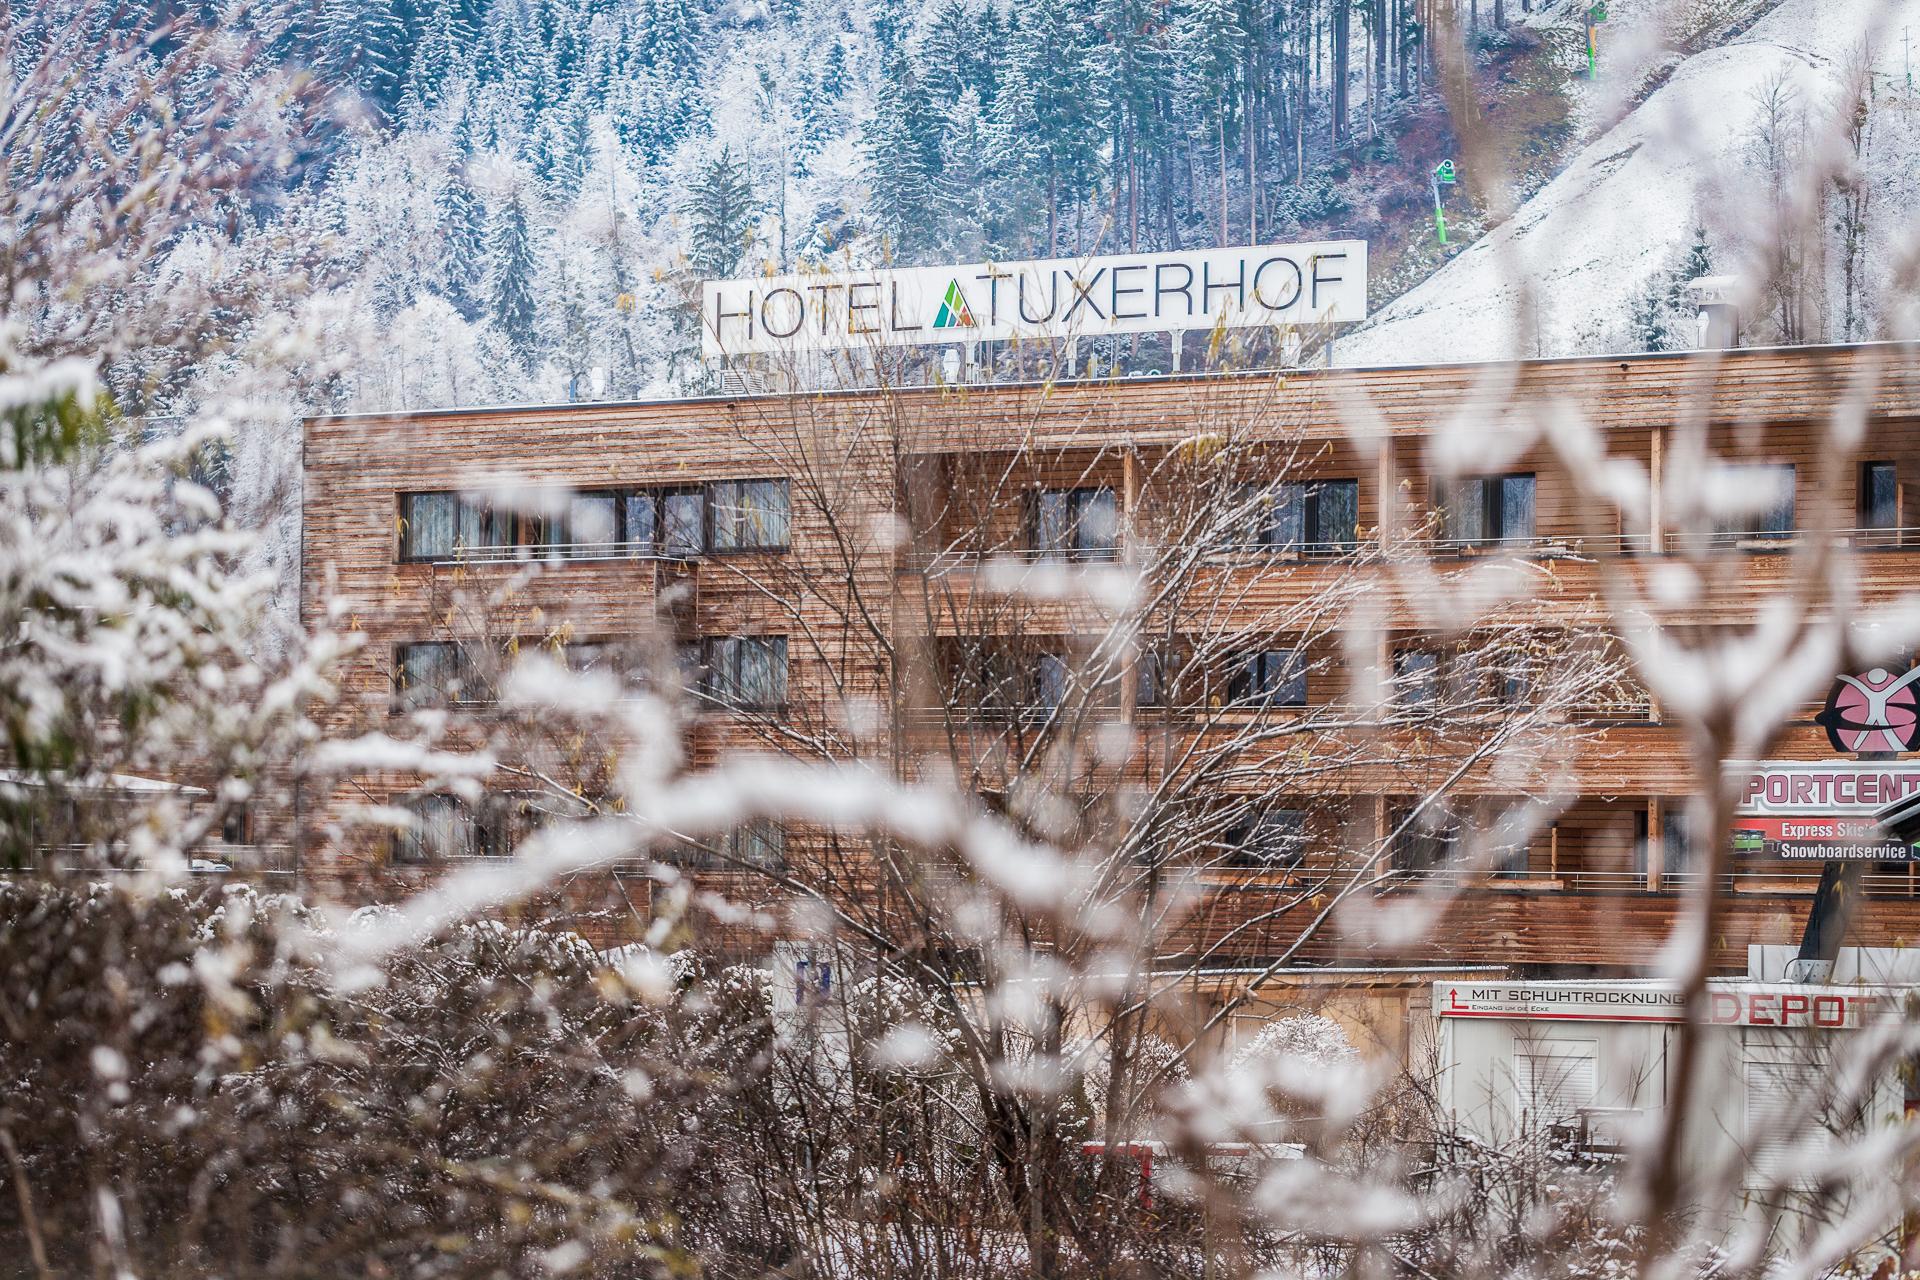 Aktivhotel_Tuxerhof_Winteropening_2017-3065.jpg